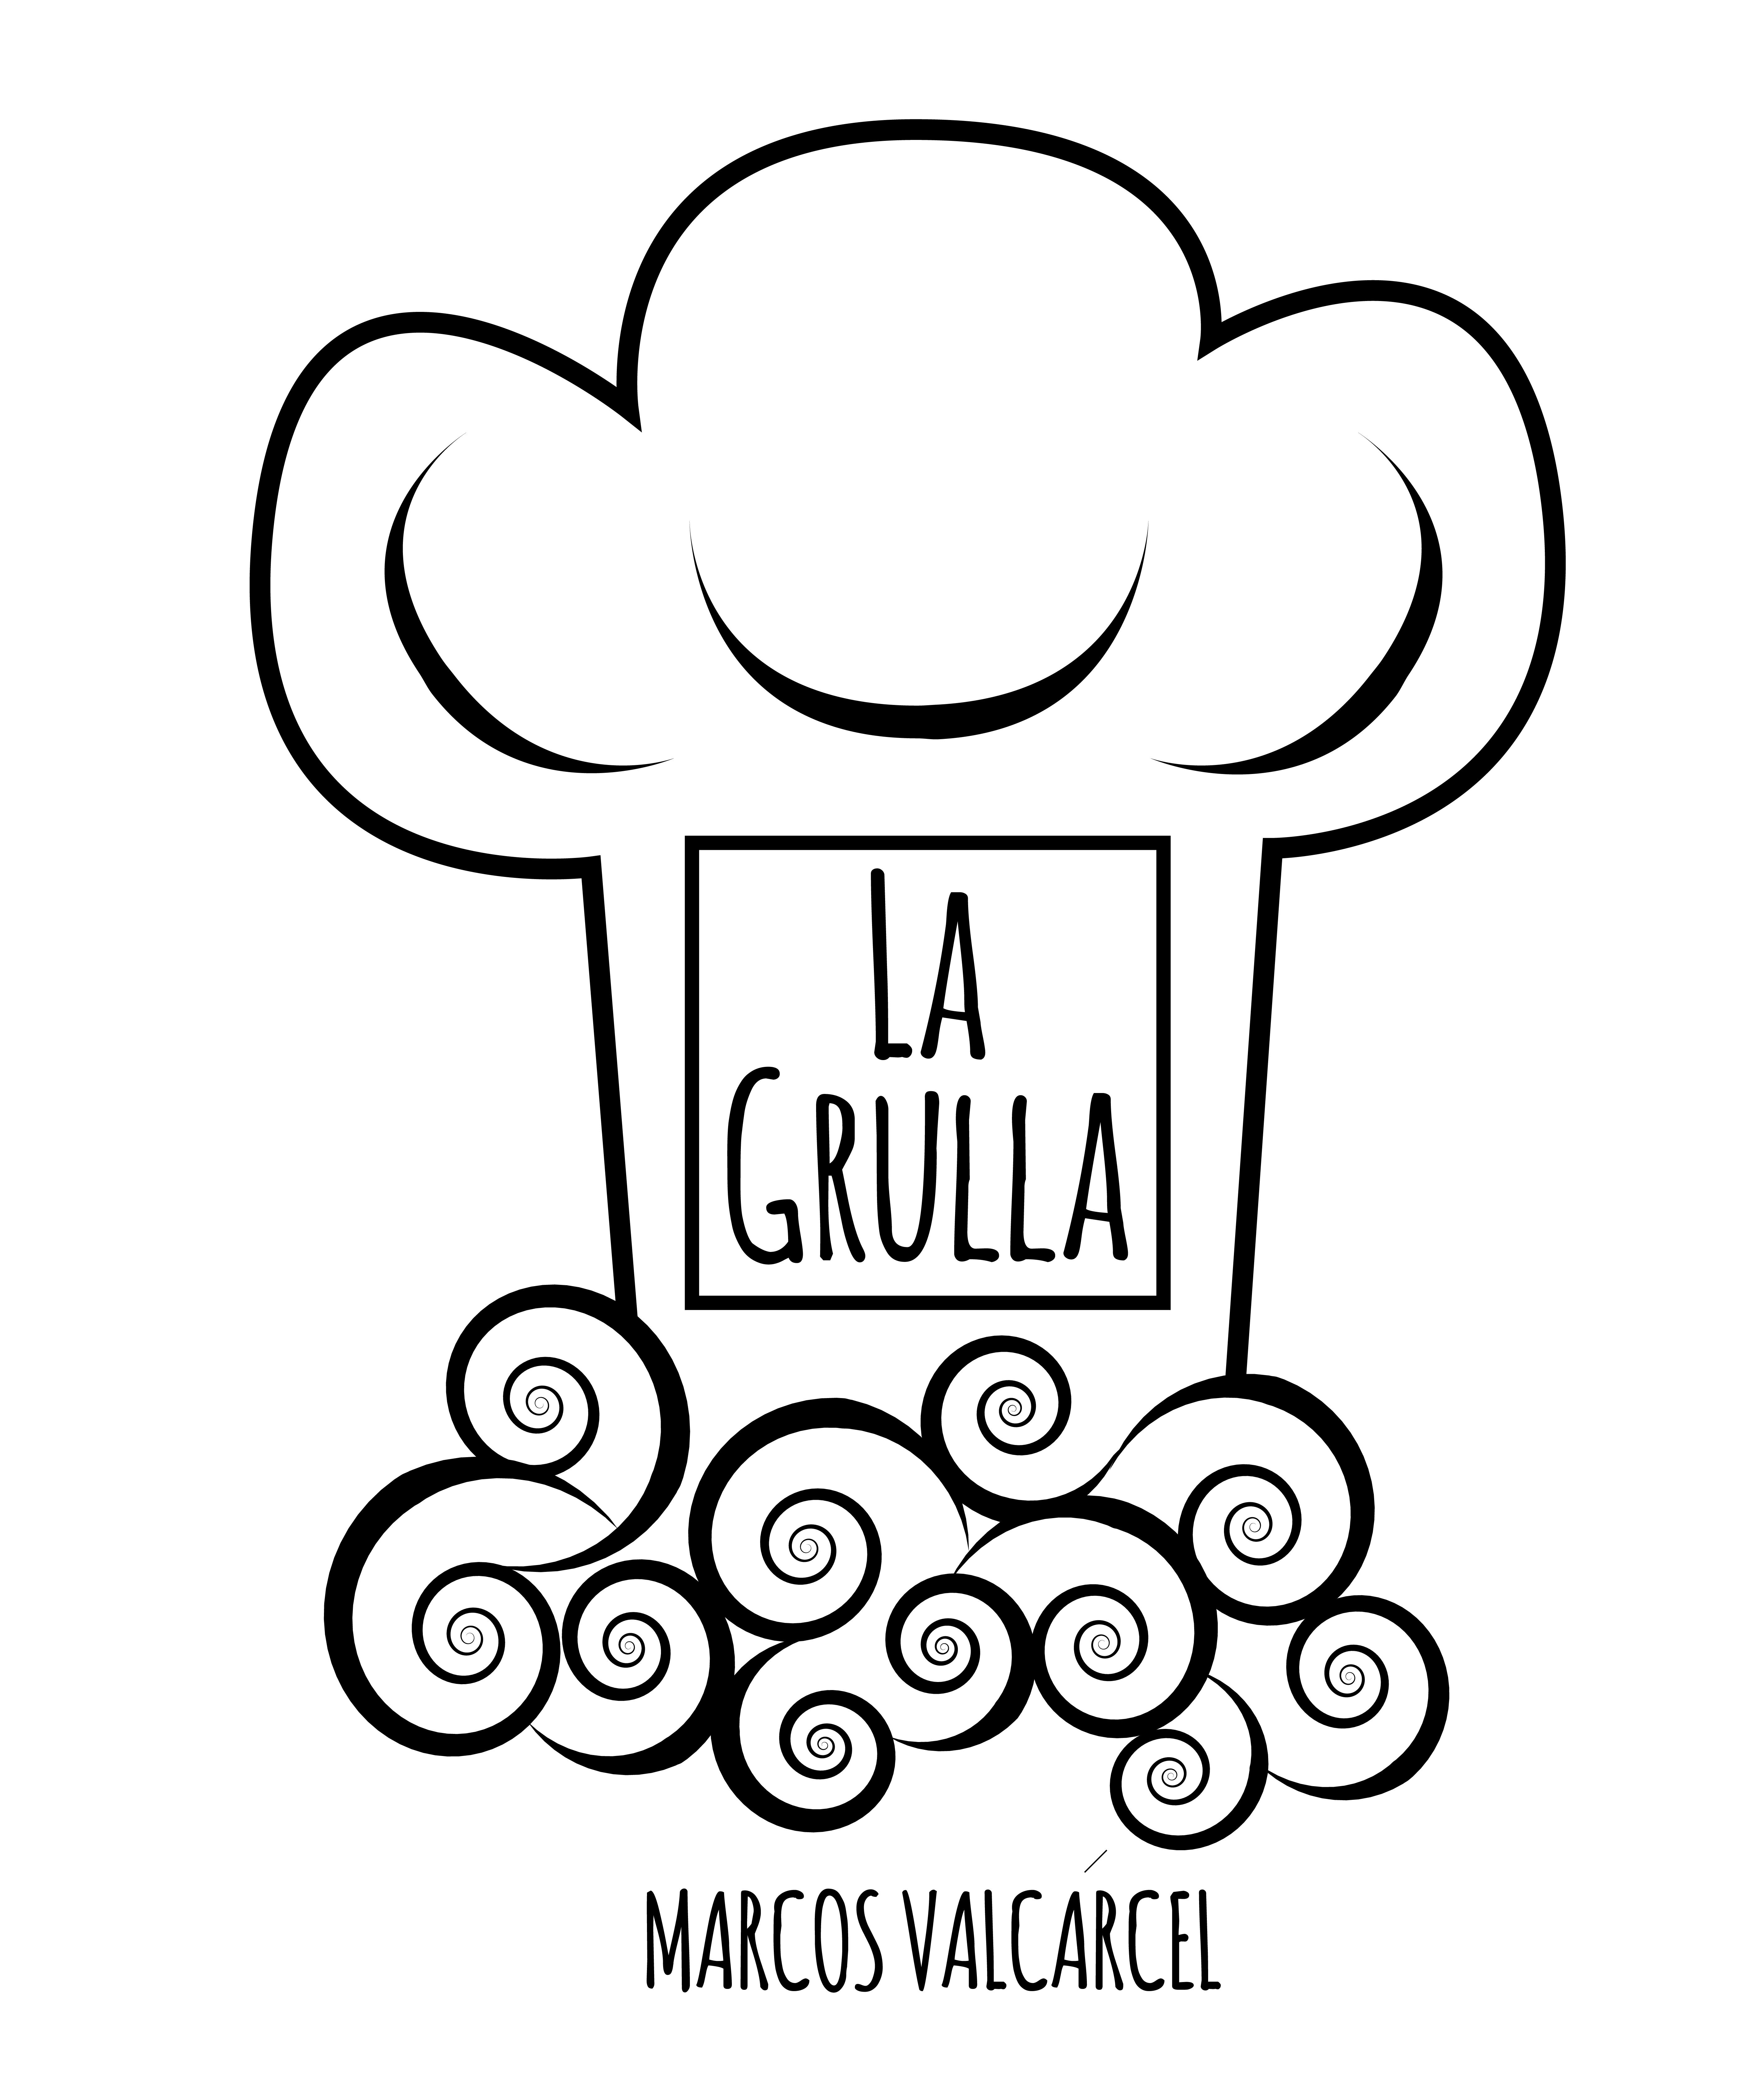 logotipo de CURSO LA GRULLA SOCIEDAD LIMITADA.